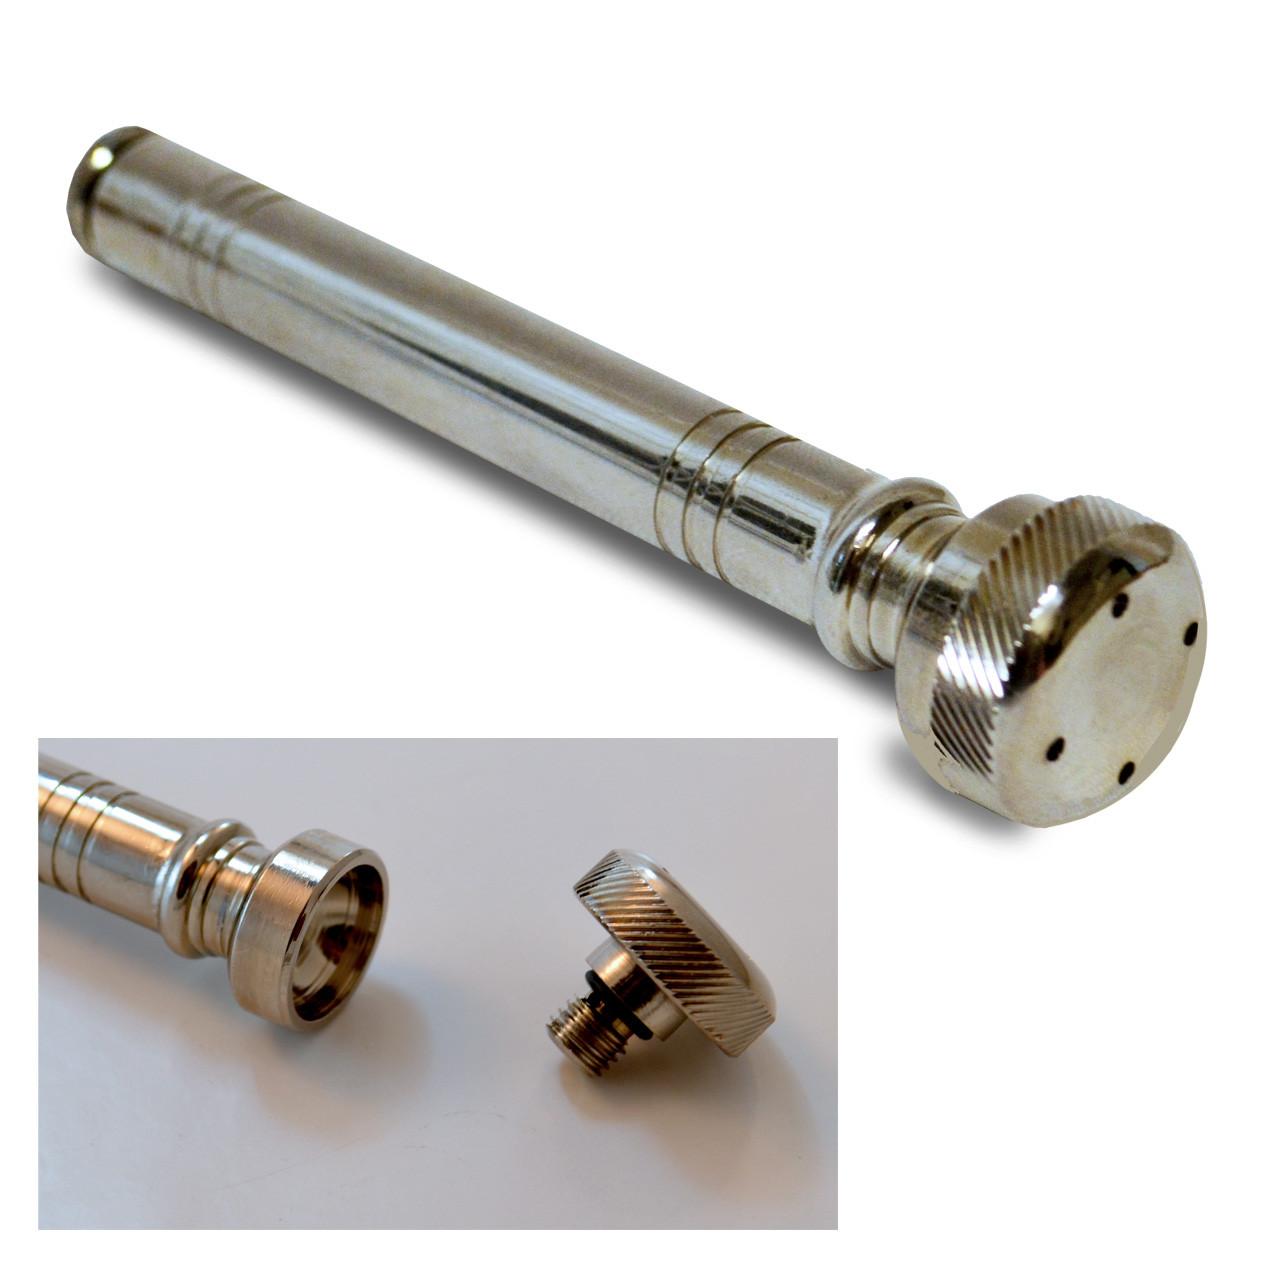 C564 Nickel Plate Sprinkler